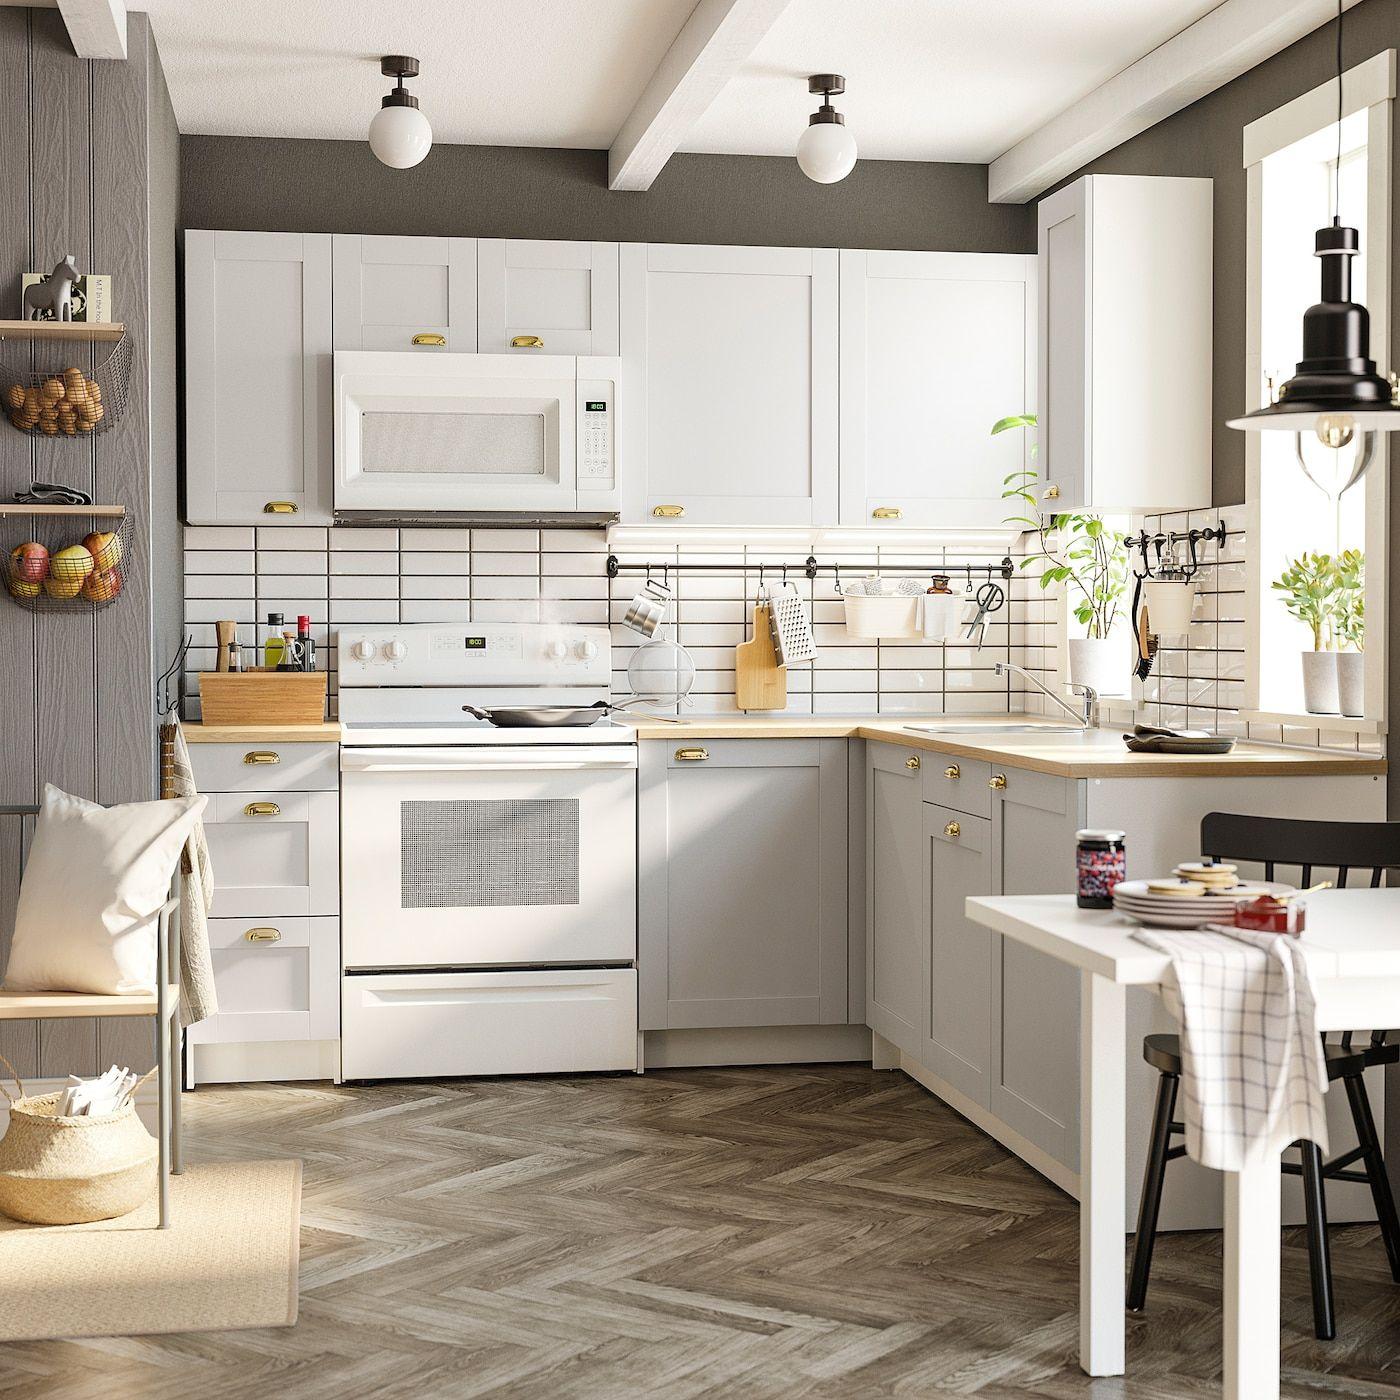 Best Ikea Knoxhult Gray Corner Kitchen In 2020 Grey Kitchens 640 x 480